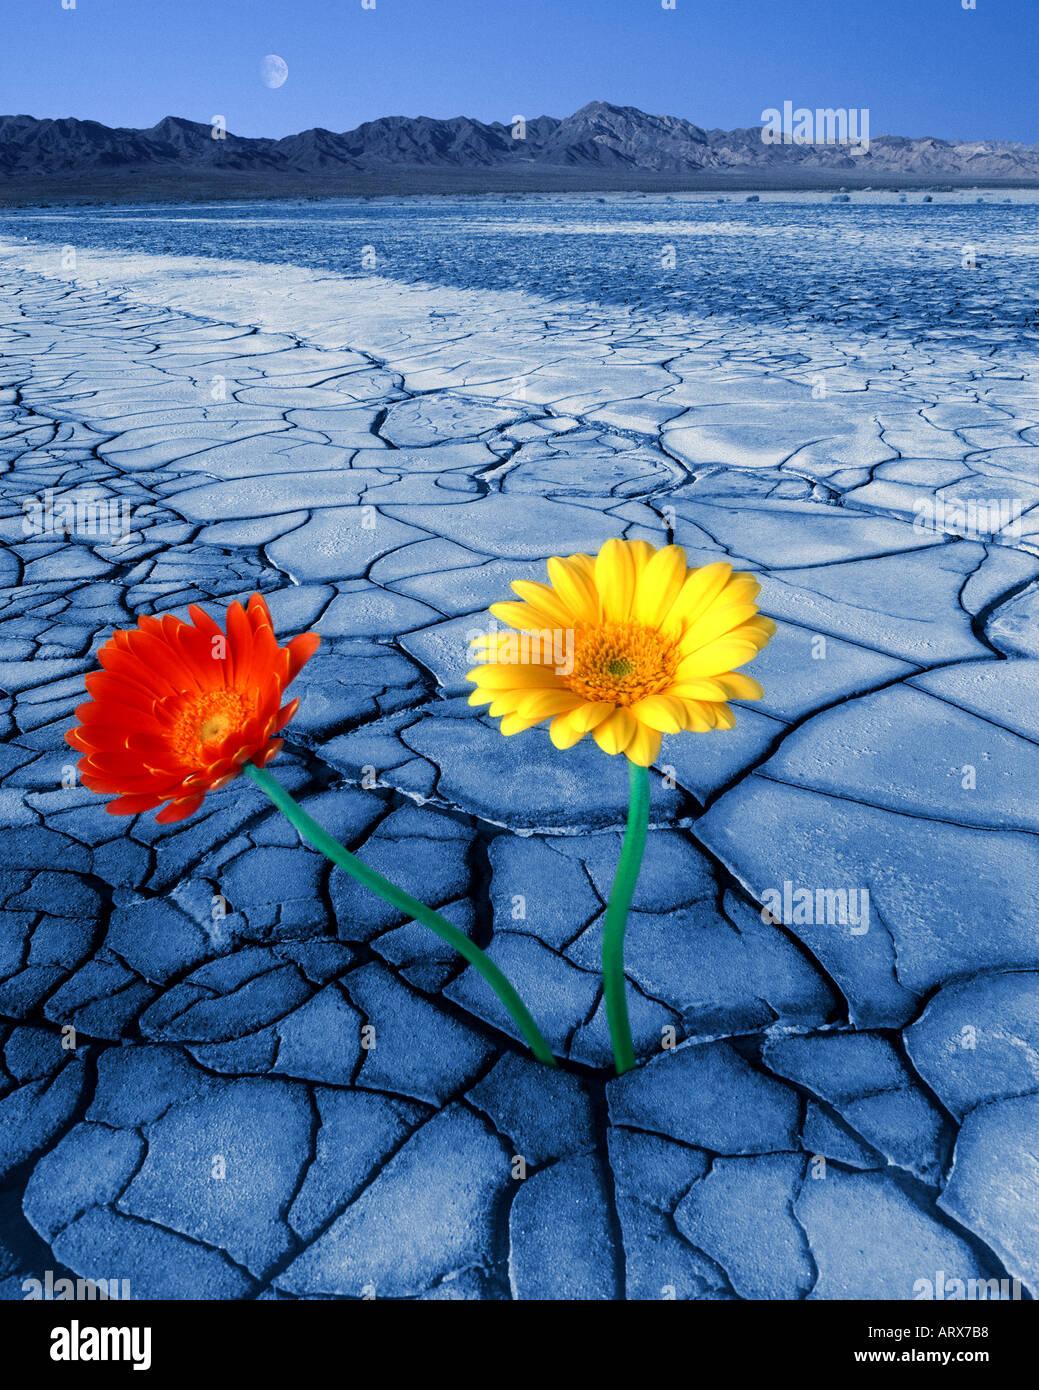 Concepto medioambiental: el desierto Digital Imagen De Stock